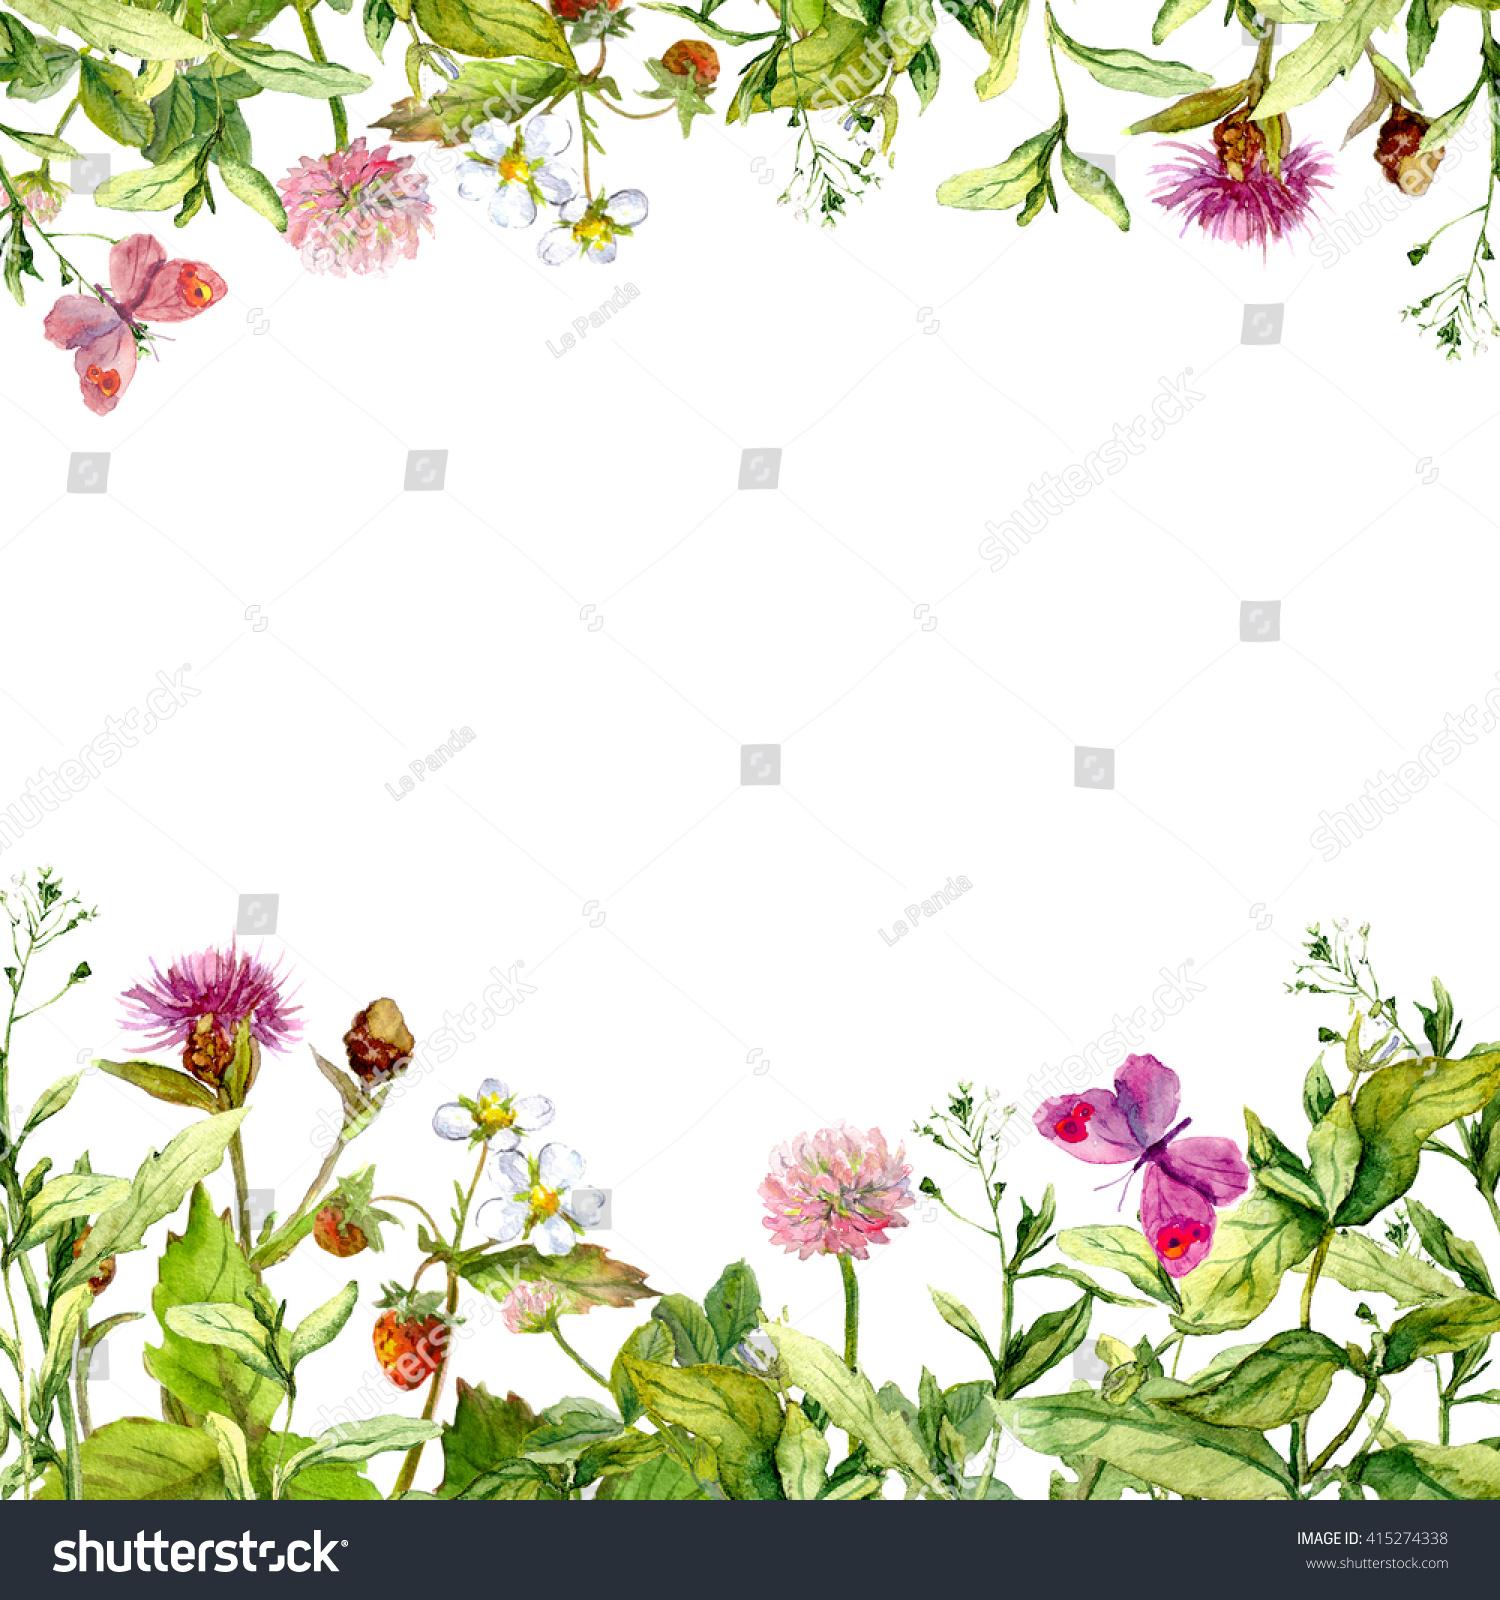 spring summer garden flowers grass herbs butterflies floral pattern - Garden Flowers